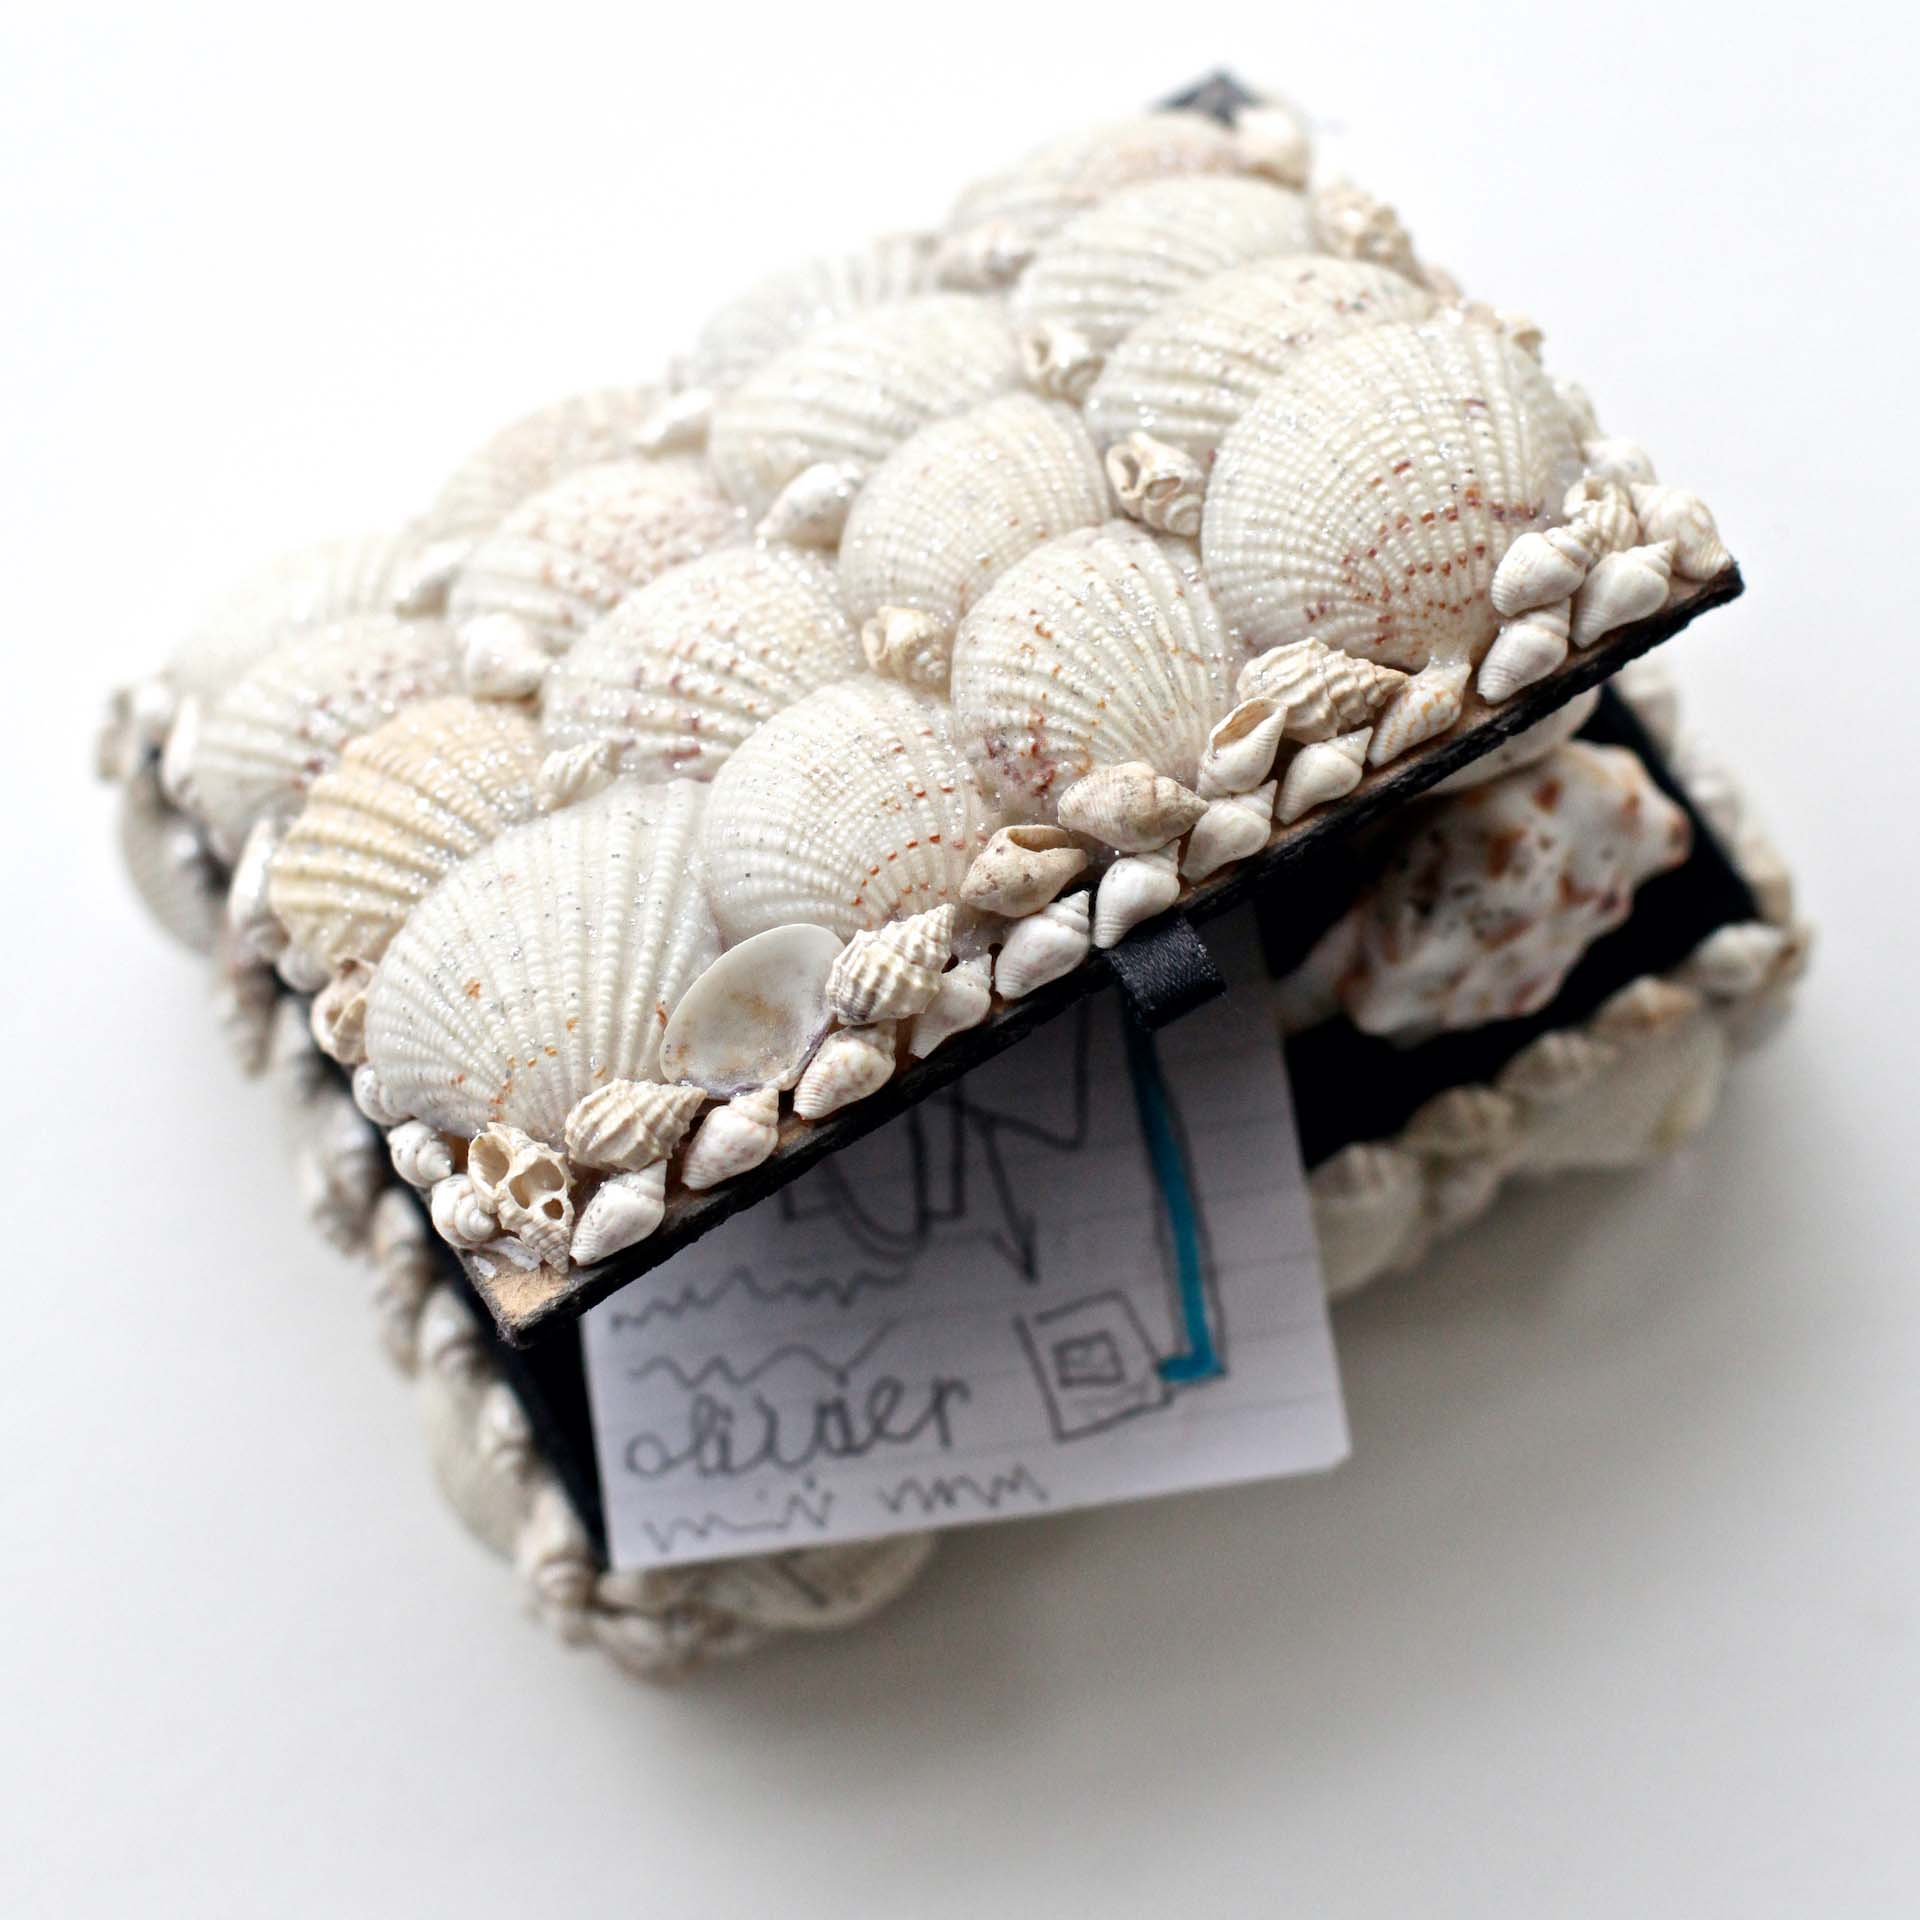 lief klein doosje van schelpen vol herinneringen uitvaart1001lichtes inspiratie